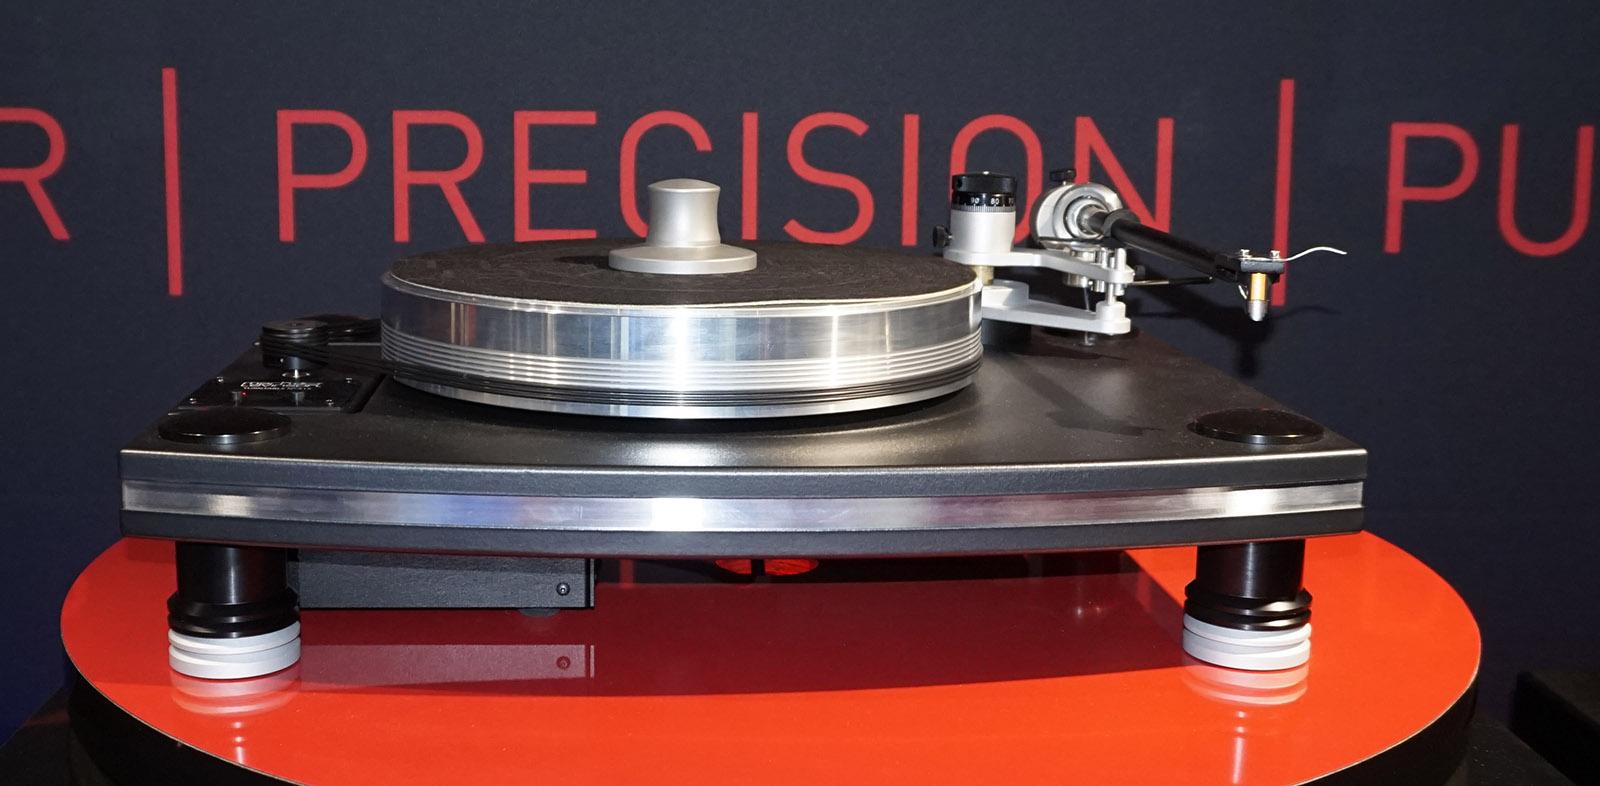 Harman-ägda Mark Levinson har fått en vinylsvarv i sortimentet. Foto: John Alex Hvidlykke, Ljud & Bild.